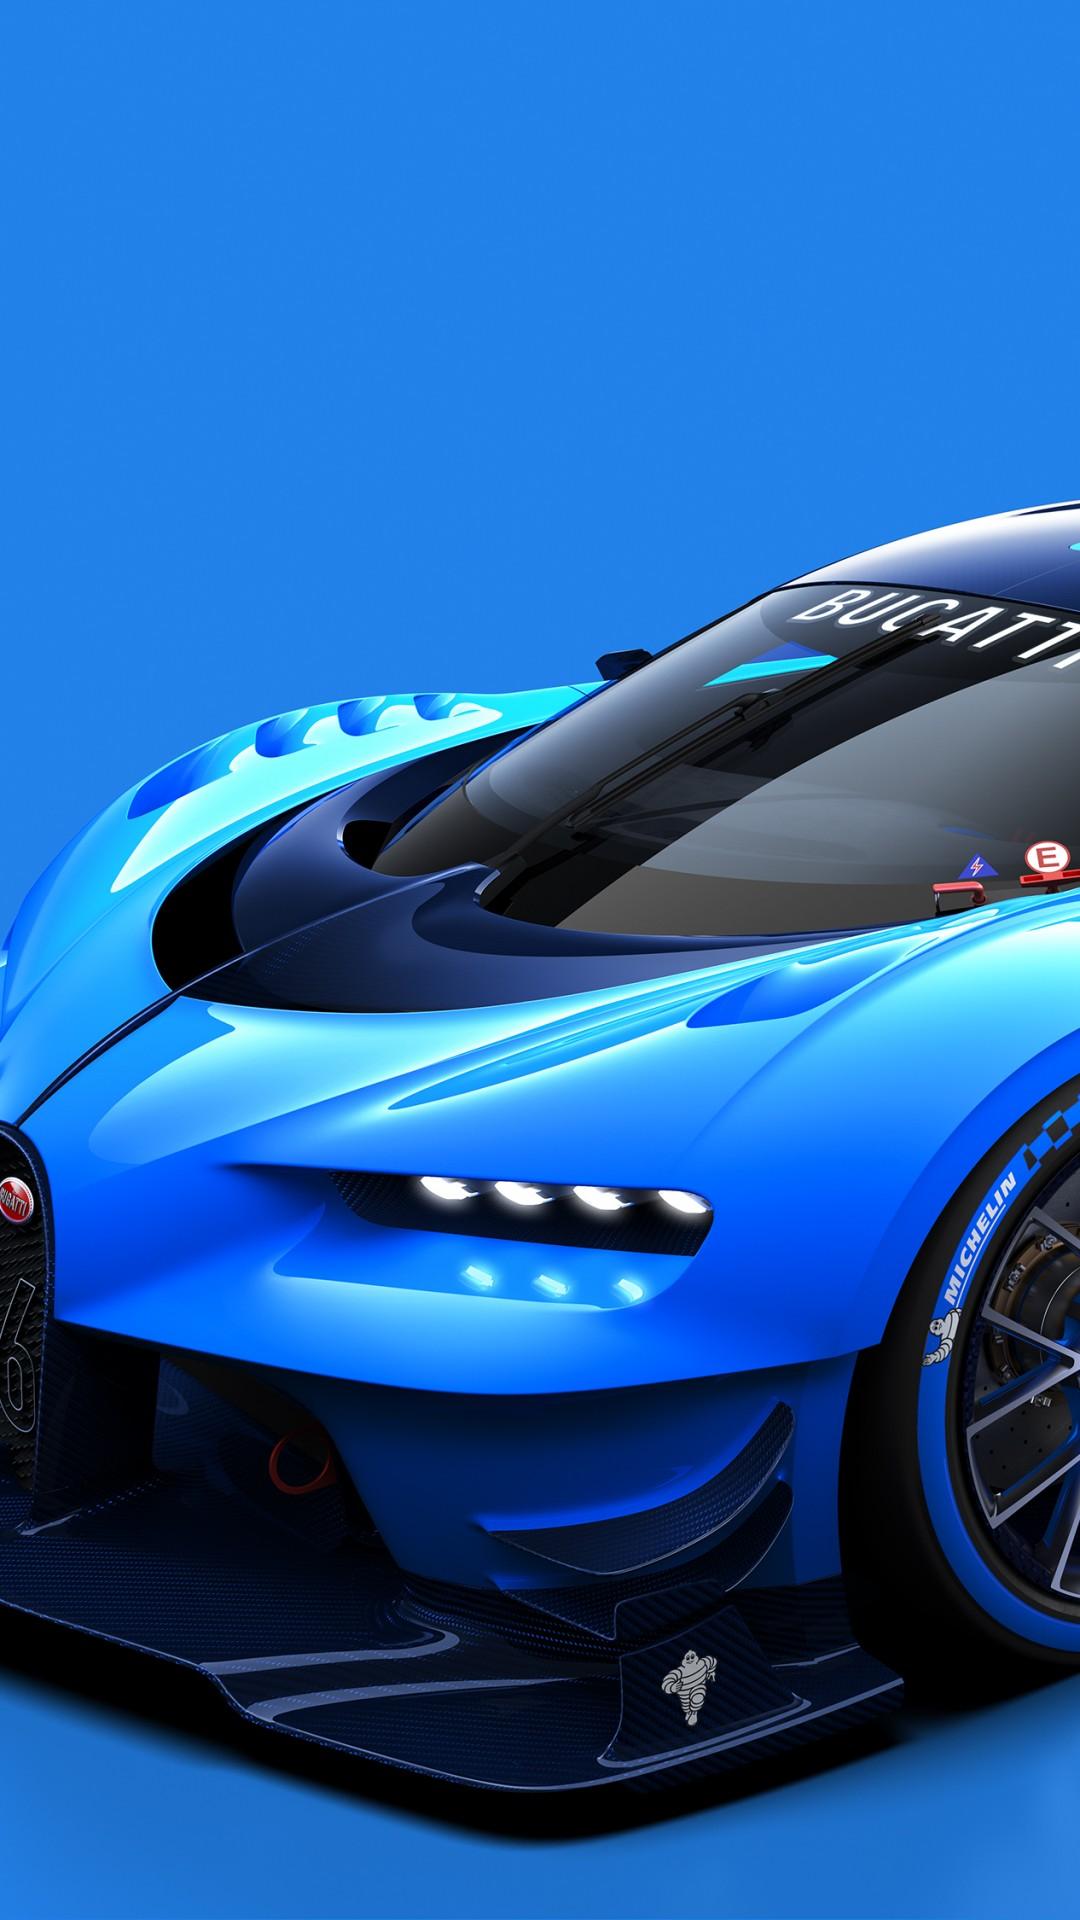 Bugatti Veyron Super Sport >> Wallpaper Bugatti Vision Gran Turismo, Bugatti, Grand ...